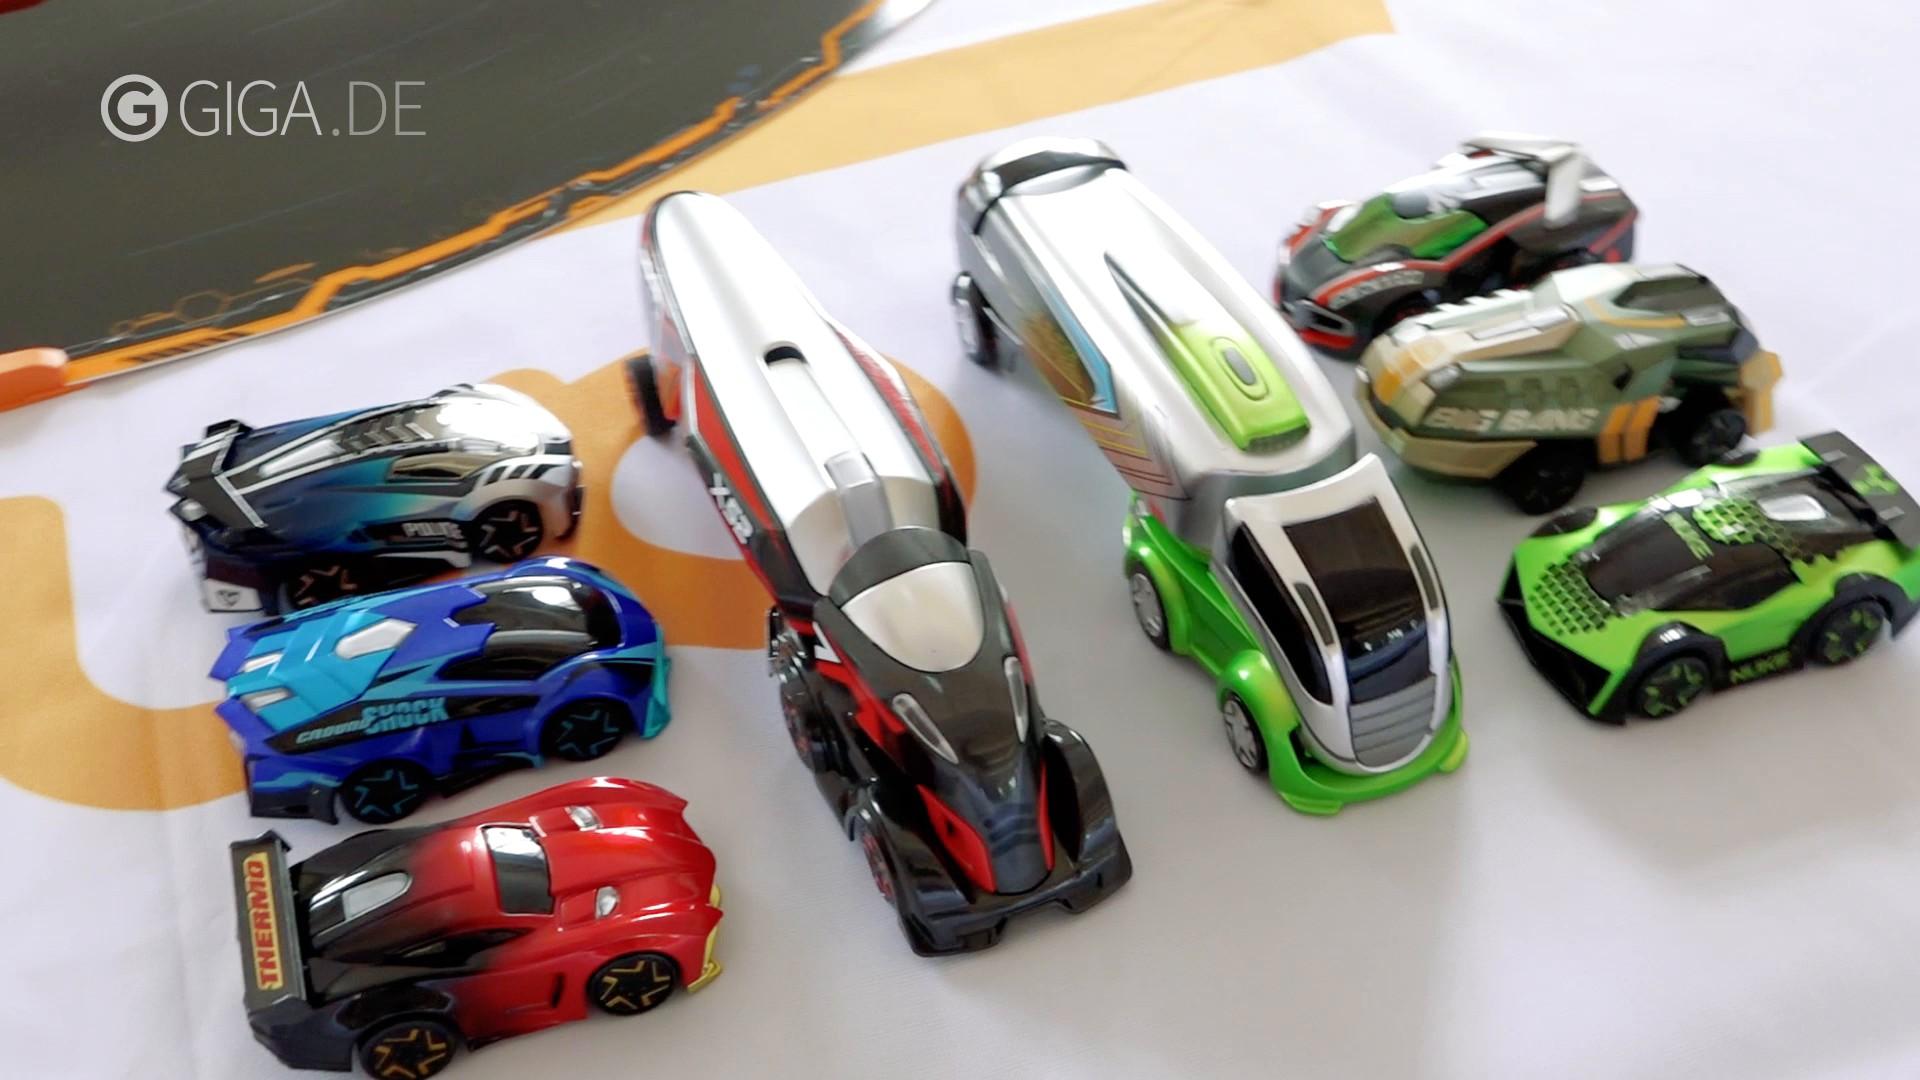 Anki-Overdrive-Autos: Alle Supercars und Trucks im Überblick – GIGA